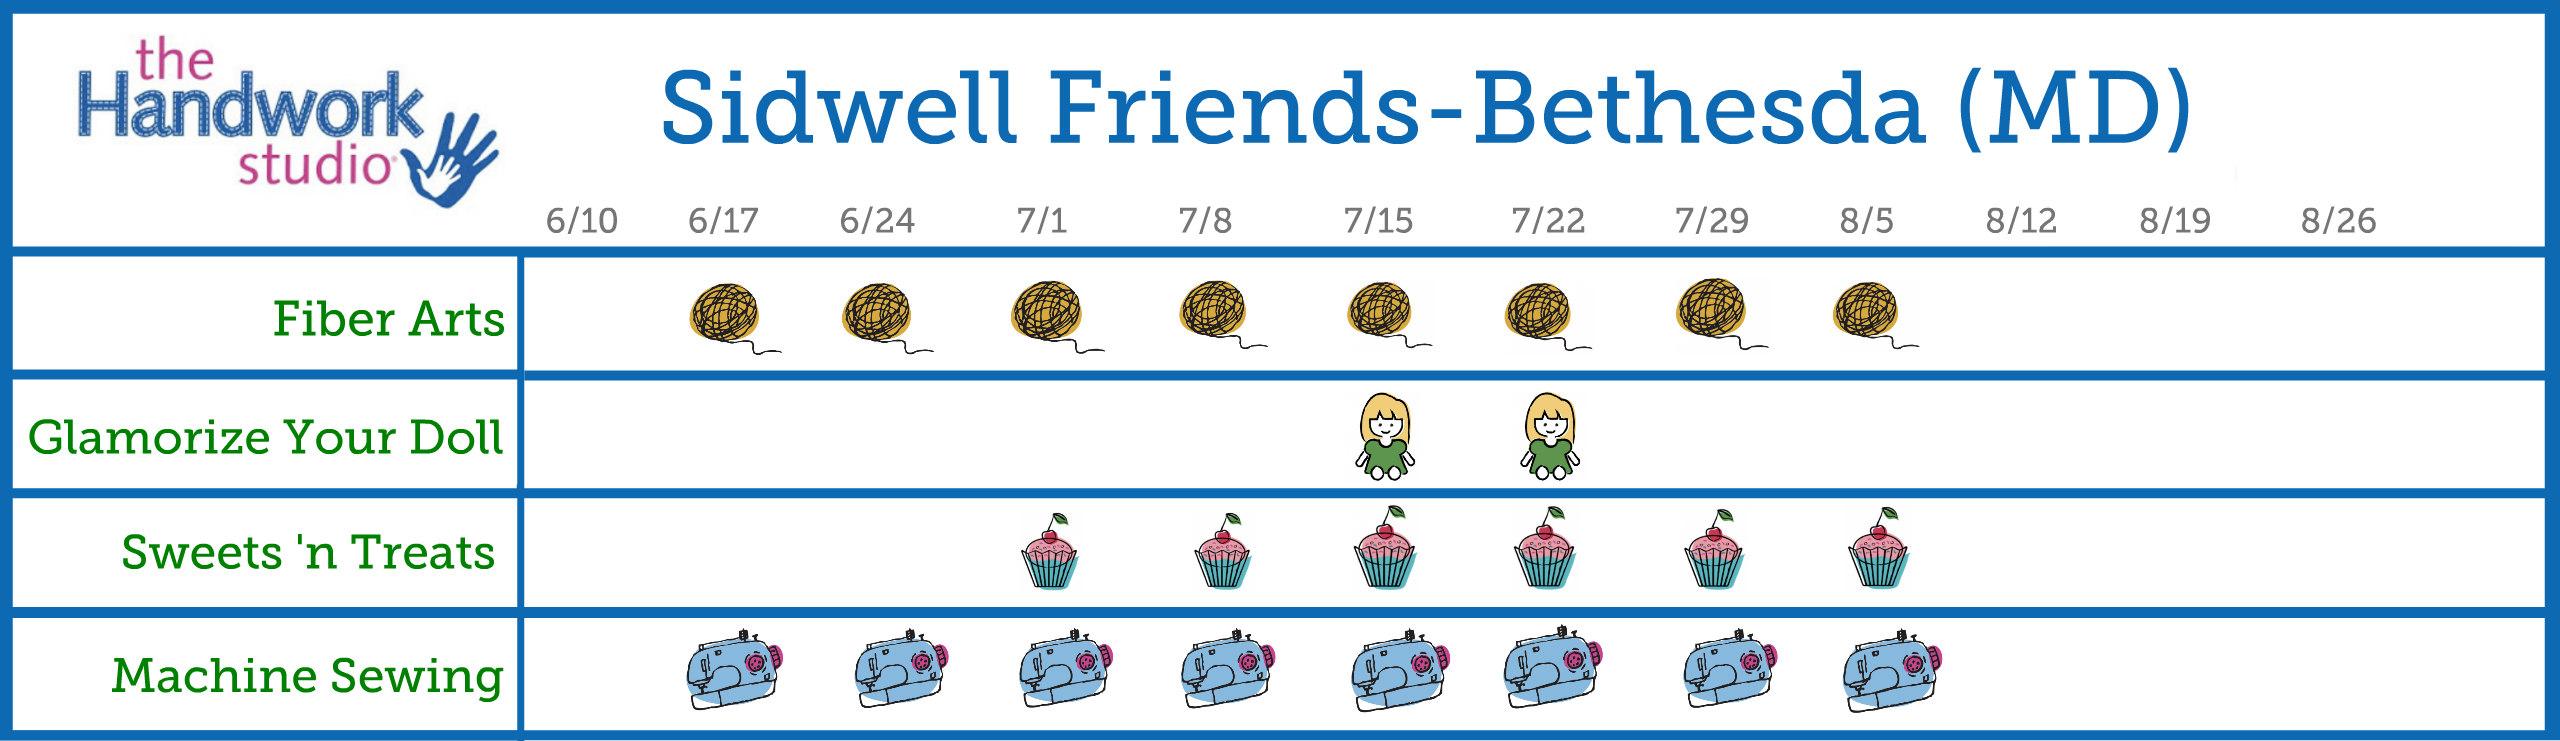 Sidwell Bethesda Program Schedule 2.0